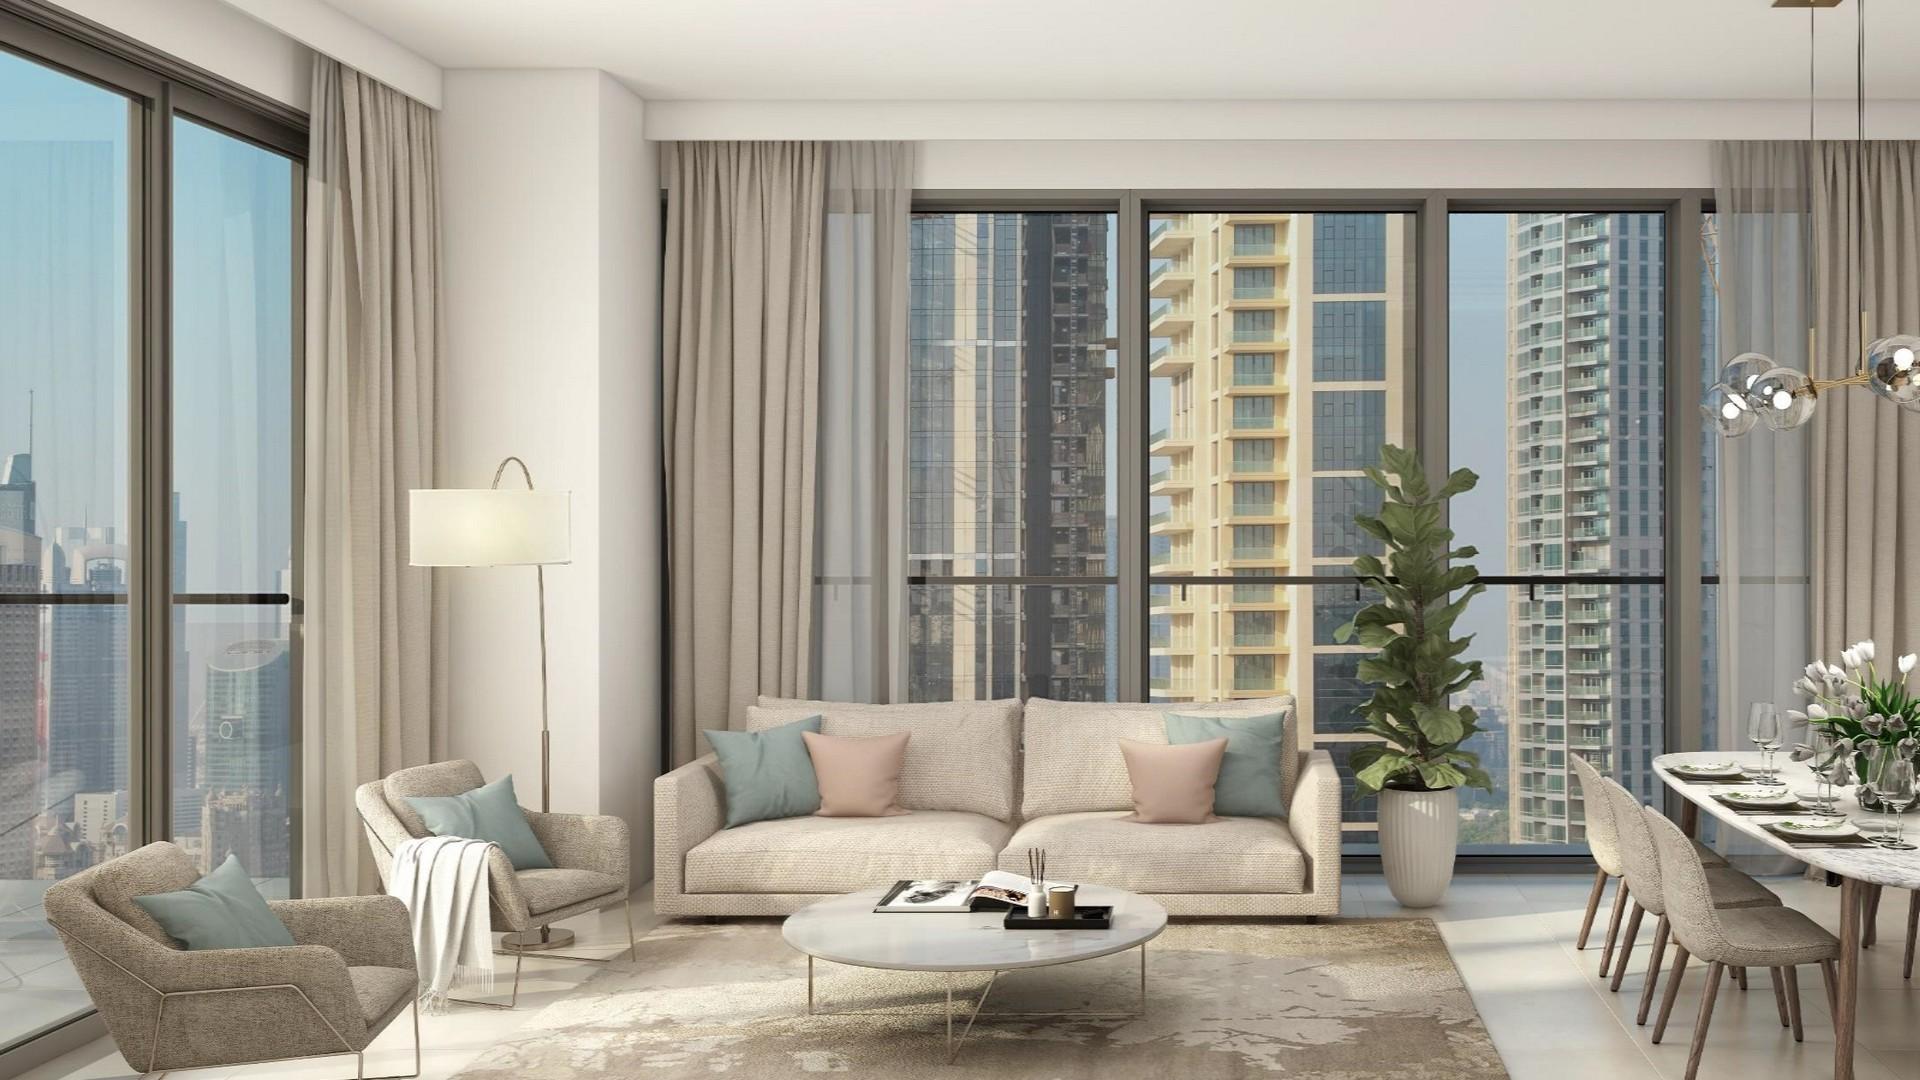 Apartment for sale in Dubai, UAE, 3 bedrooms, 122 m2, No. 24082 – photo 1